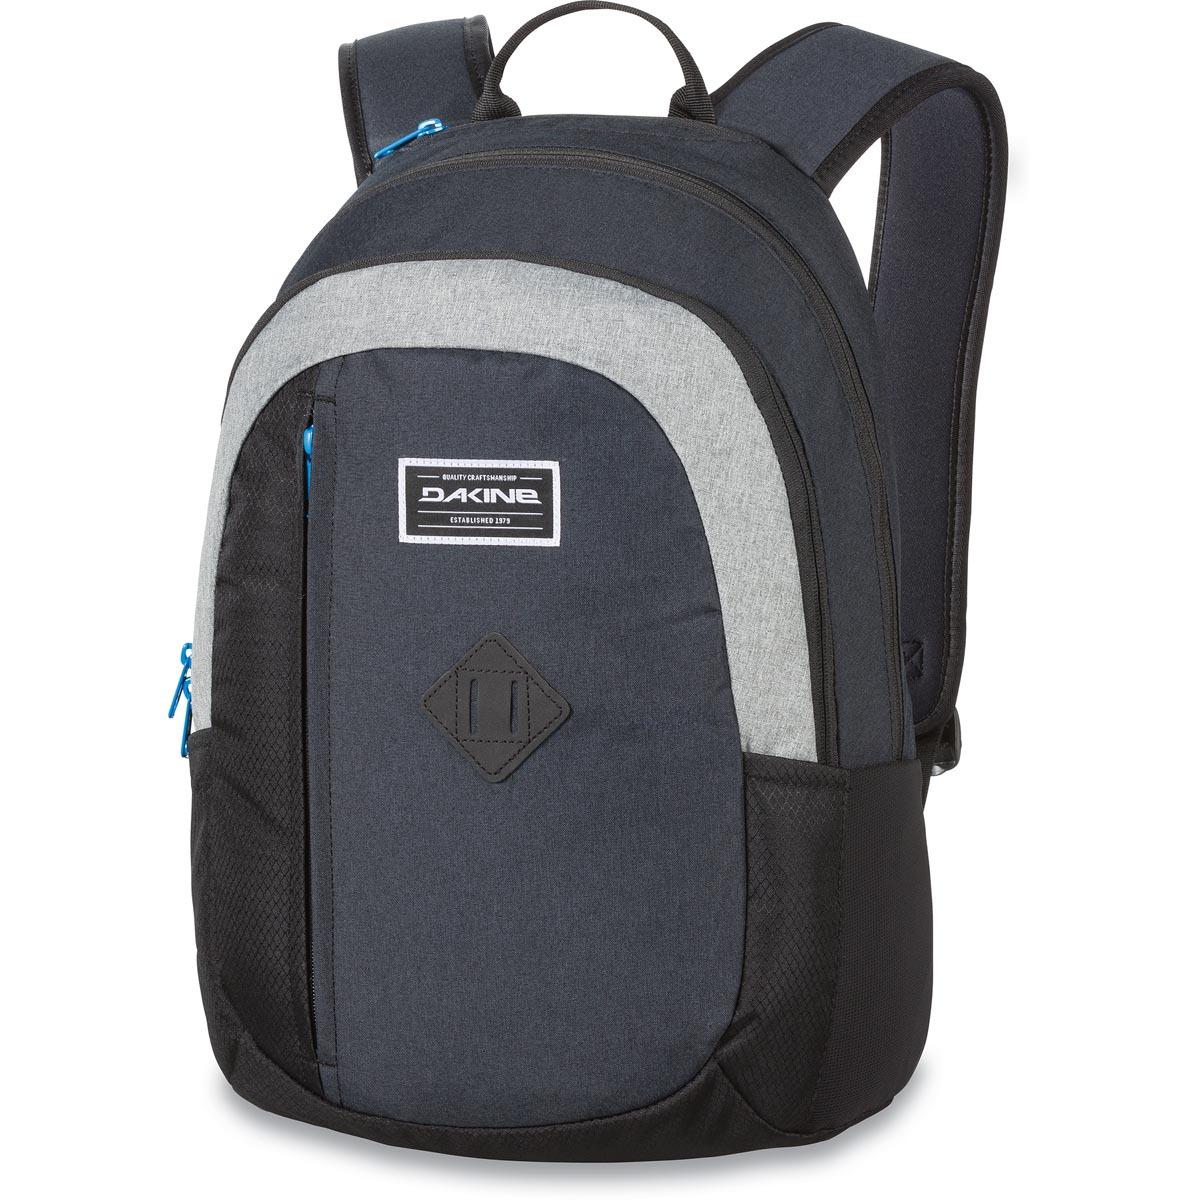 Dакine рюкзаки правила написания следственные чемоданы, необходимы только при проведении занитий